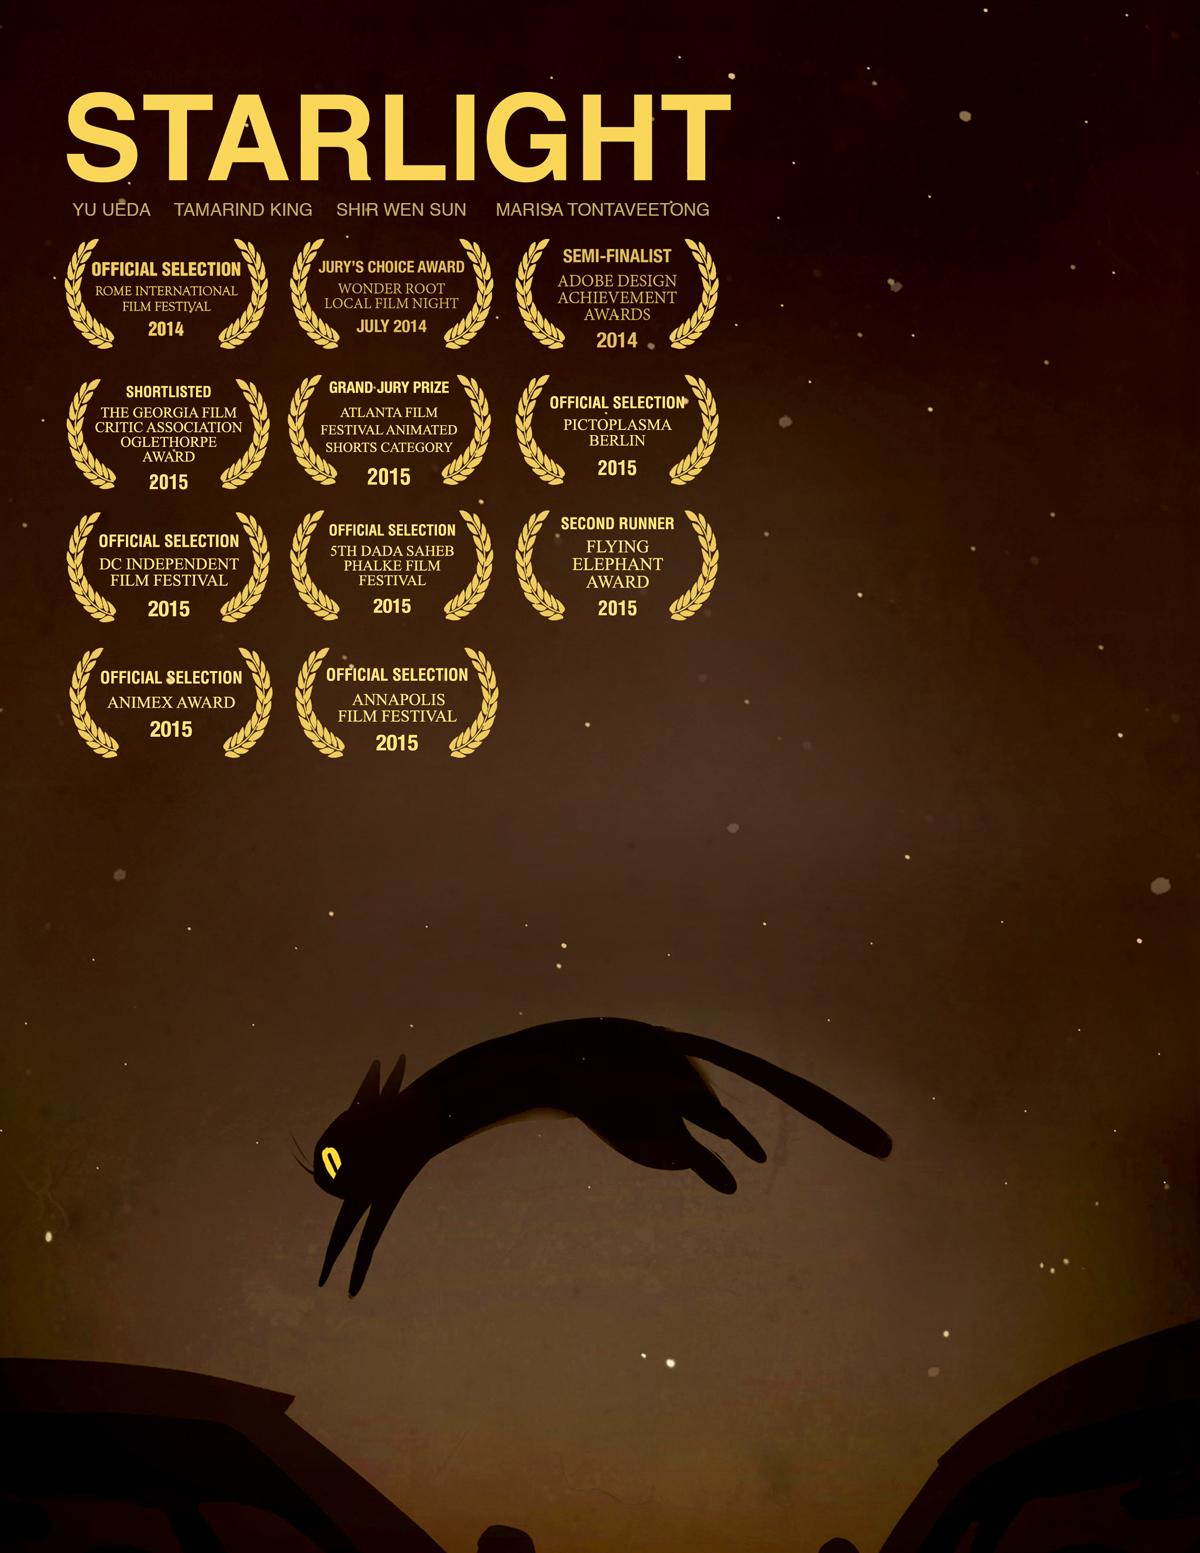 Starlight Film Poster